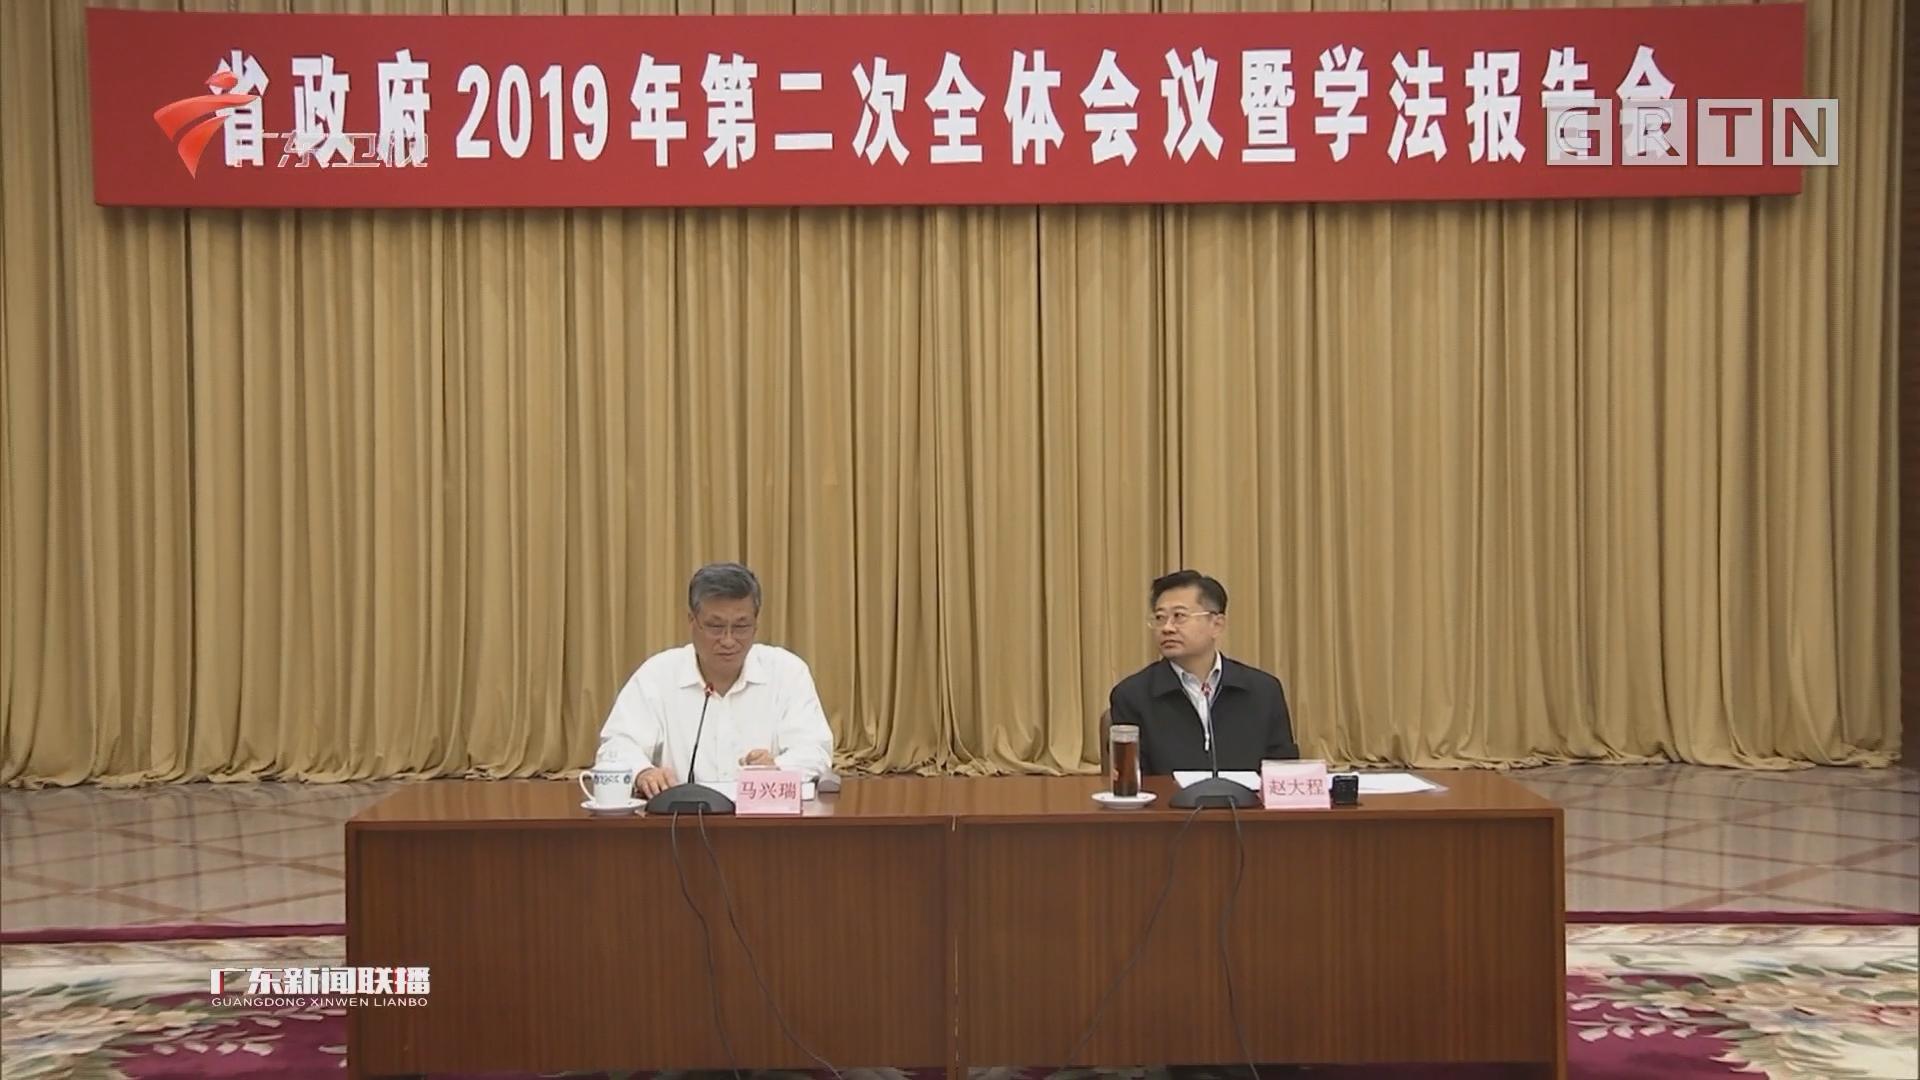 马兴瑞主持召开省政府全体会议暨学法报告会